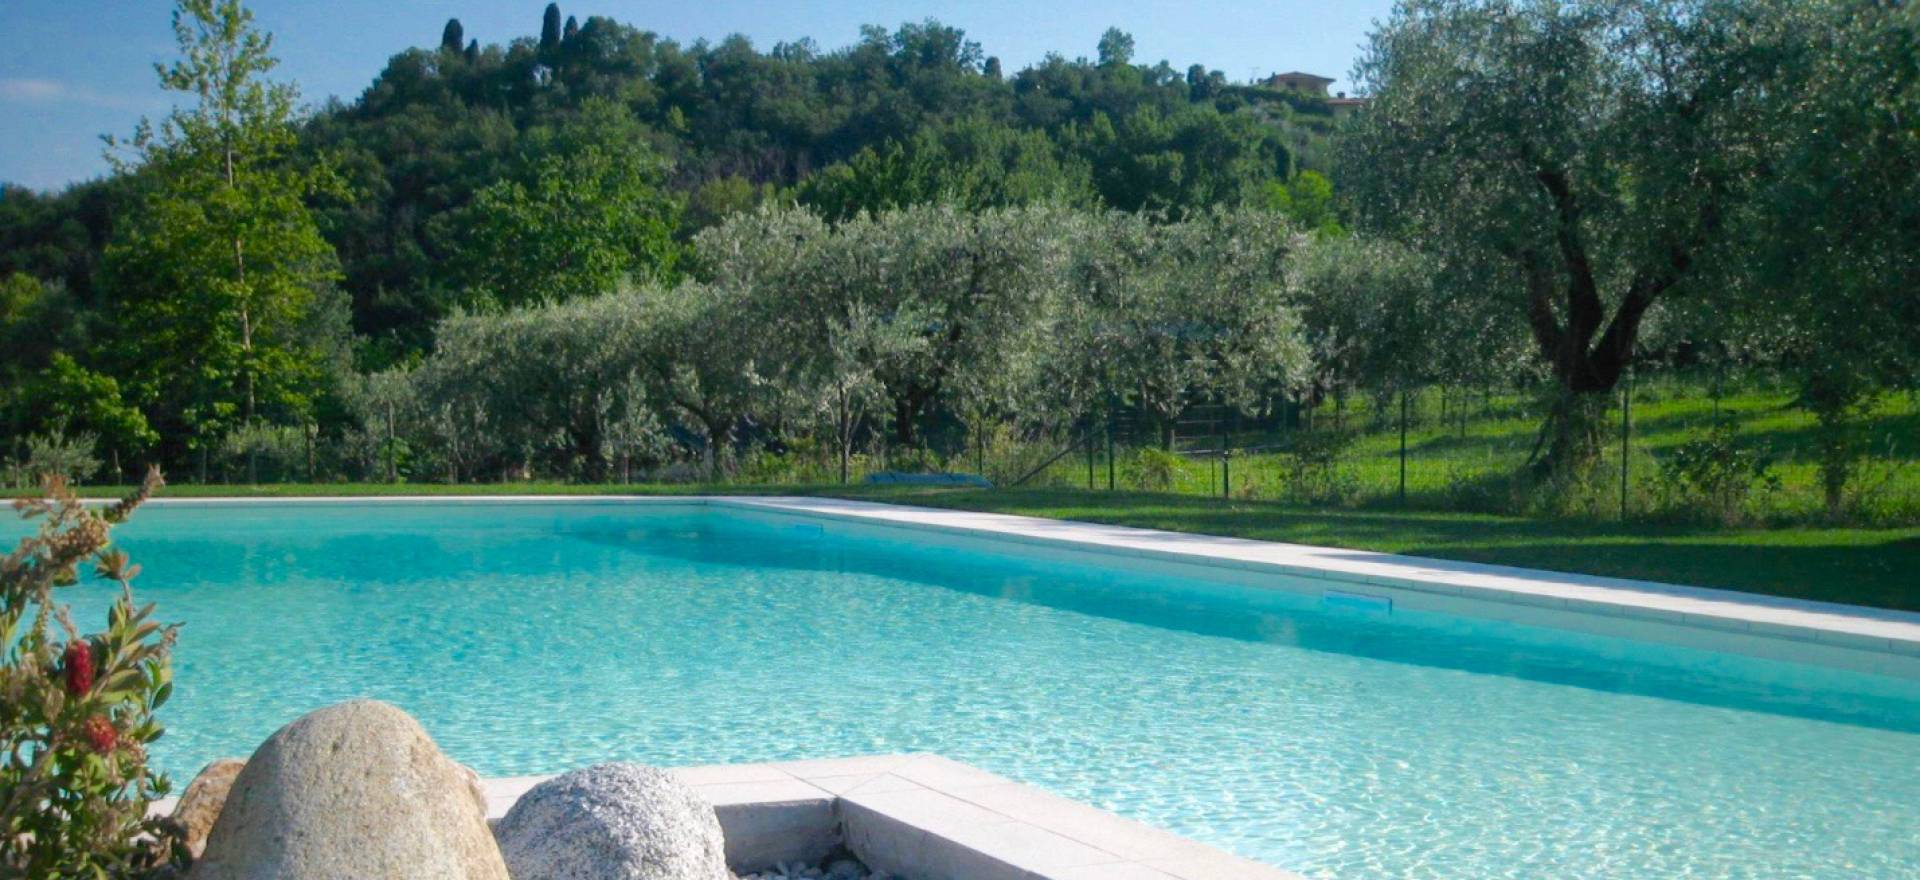 Agriturismo Comomeer en Gardameer Sfeervolle agriturismo tussen de olijfbomen, dichtbij het Gardameer